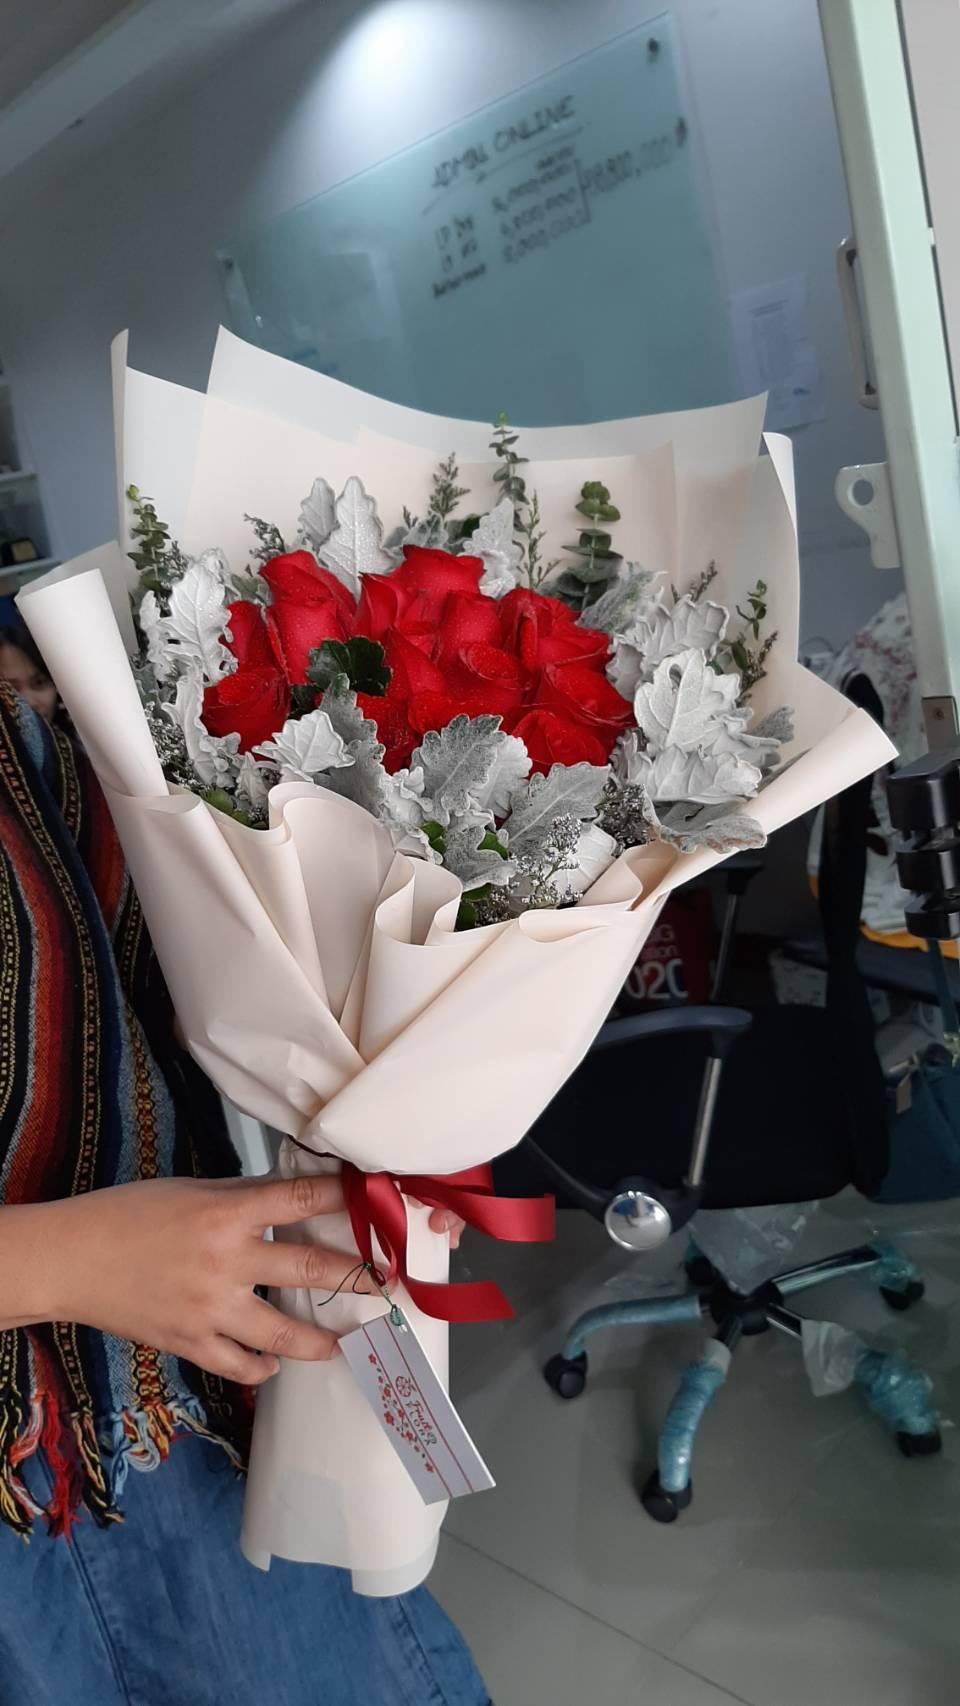 สวยตราตรึงกับช่อดอกกุหลาบแดง จัดแต่งสวยงามด้วยไม้ประดับหลากชนิด